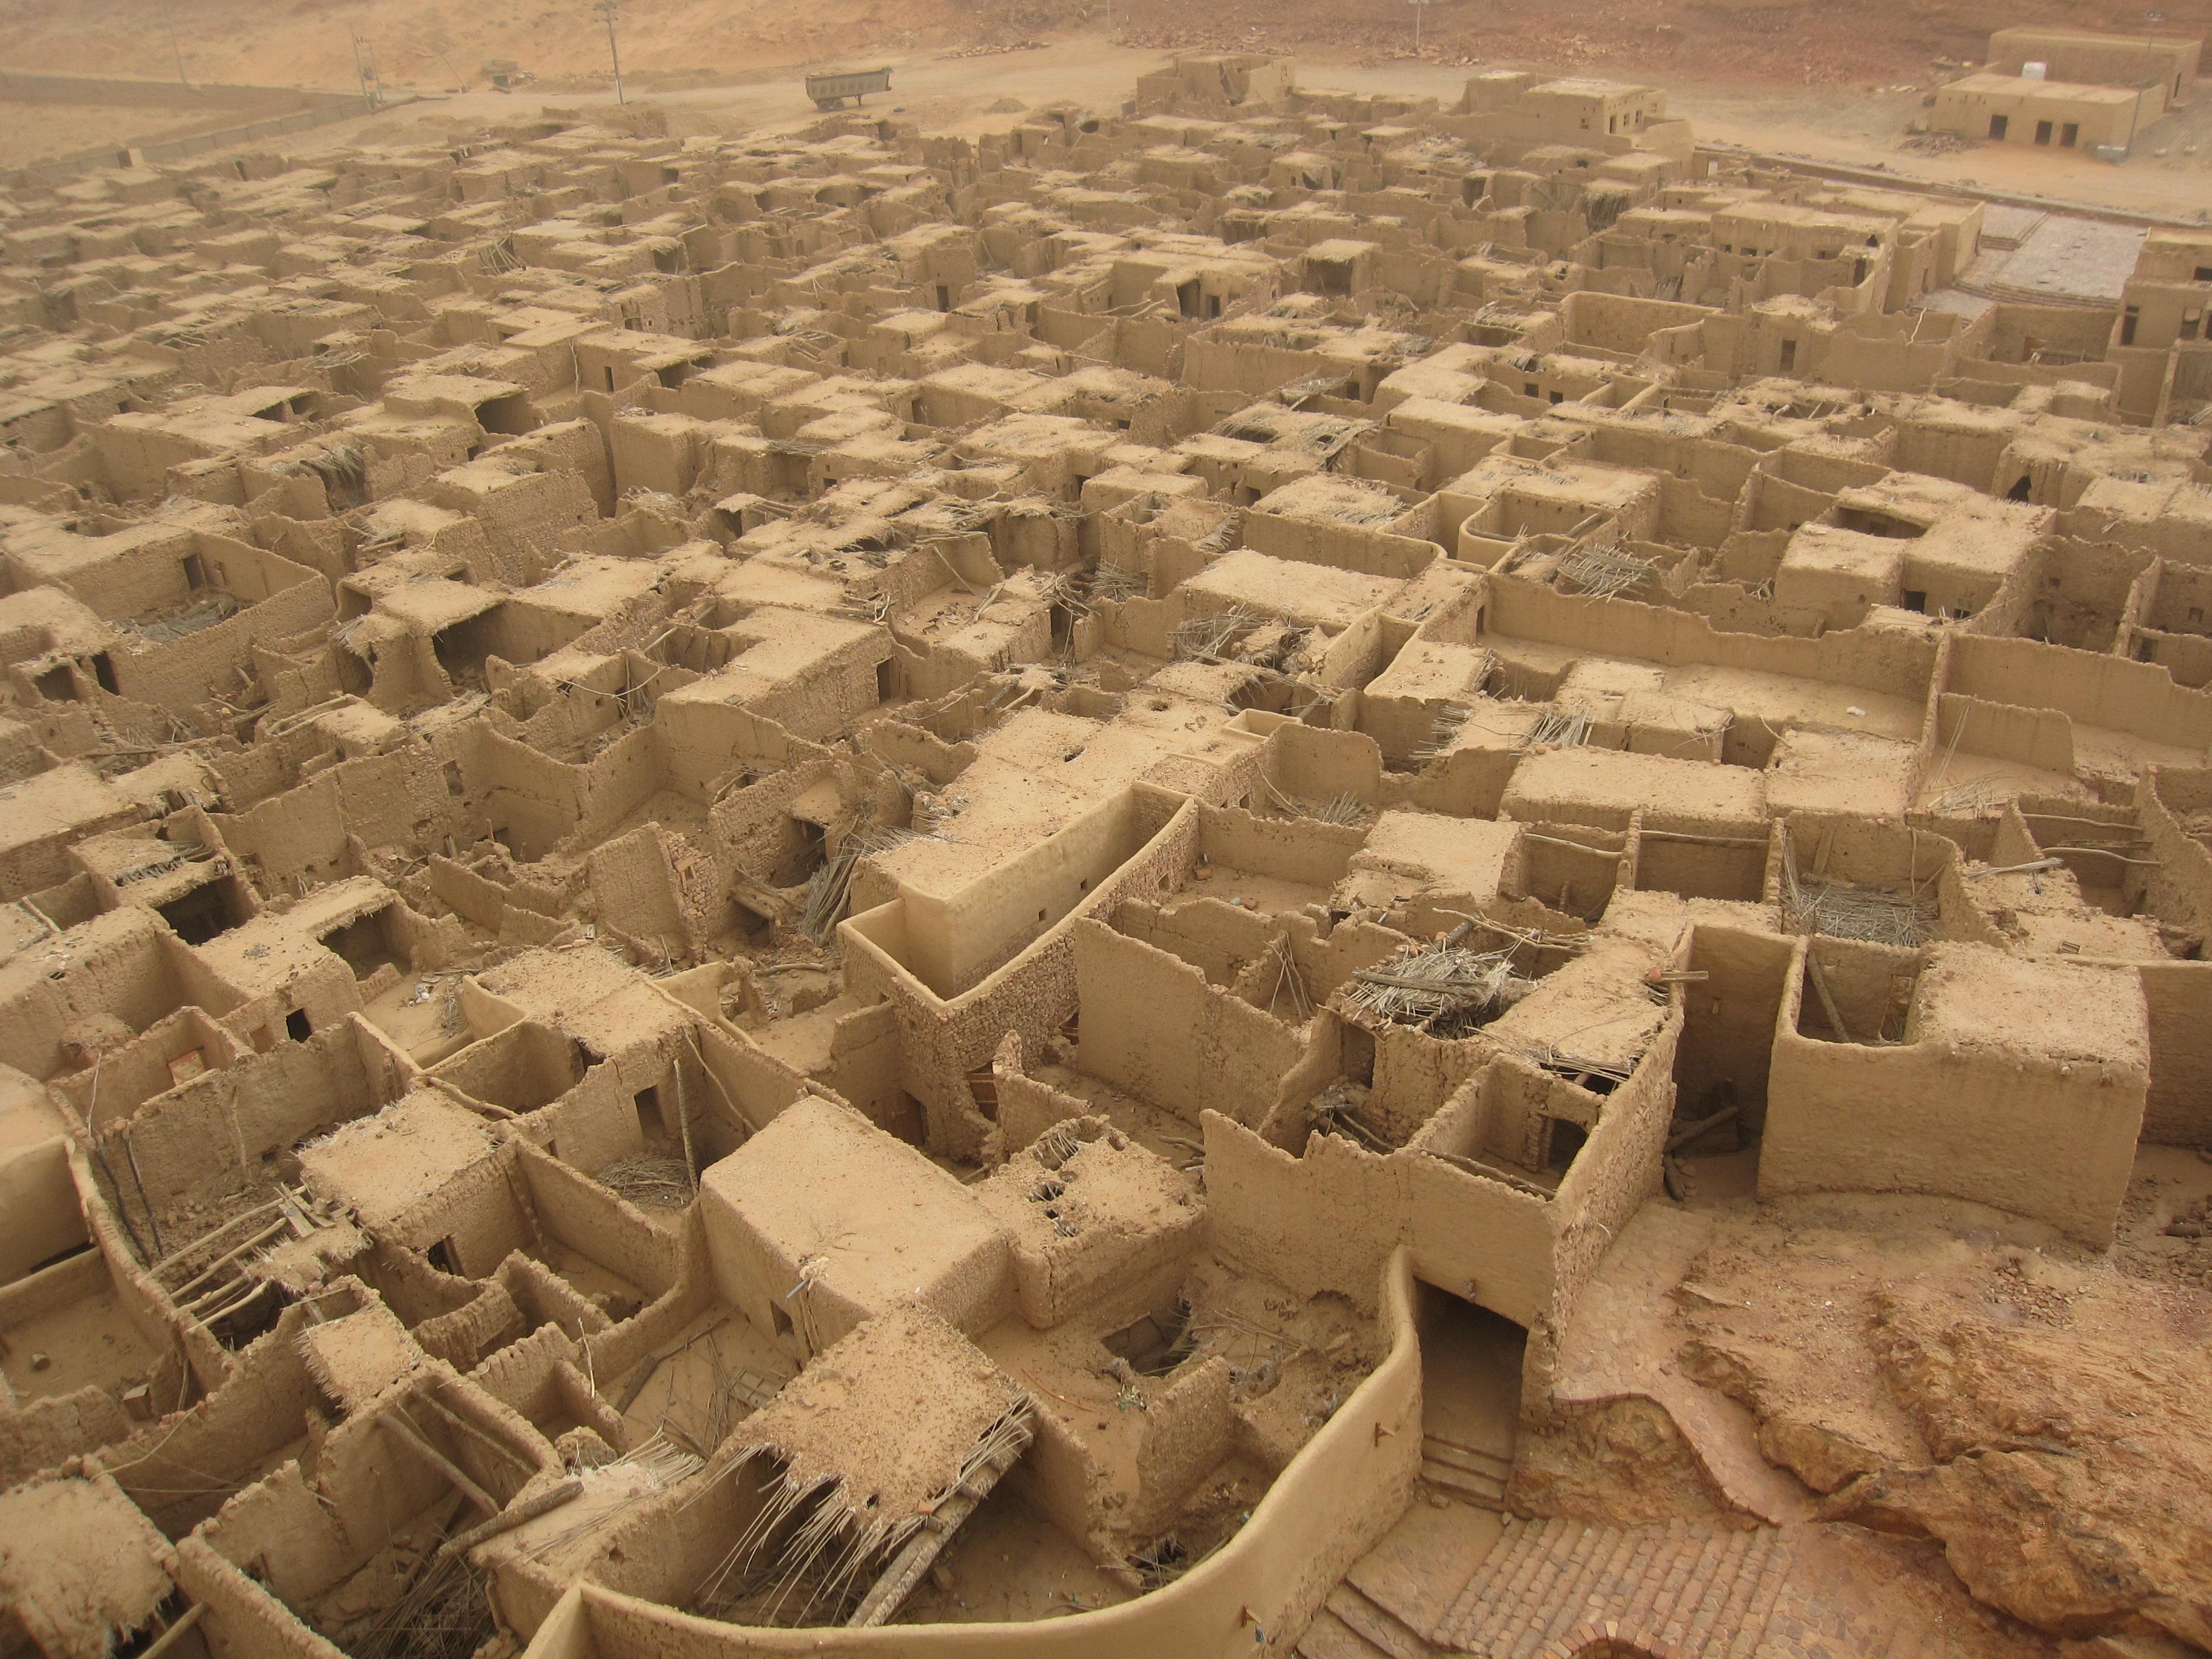 al-Qalat al-Qadhim al-Ula de l'ancien émir Omeyyade d'Ifriqya 703-715 et conquérant du Maghreb et d'al-Andalus en 711, le tabi'i Mussa ibn Nusayr al-Lakhmi (radi Allah anhu) pas loin d'Al Ula, l'antique ville d'Al Hijr (région de Madai'n Saleh) au nord de l'actuelle Arabie Saoudite région ou il à grandi. Ce fort fut construit lorsqu'il étais gouverneur de cette région, il est issue de la tribu qahtanite des Lakhmides du Nord de l'arabie , son père fut capturé (esclave) par Khalid ibn al-Walid (radi Allah anhu), après la prise de l'Espagne il passa ces vieux jours ici avant de mourire puisse Allah lui faire miséricorde.